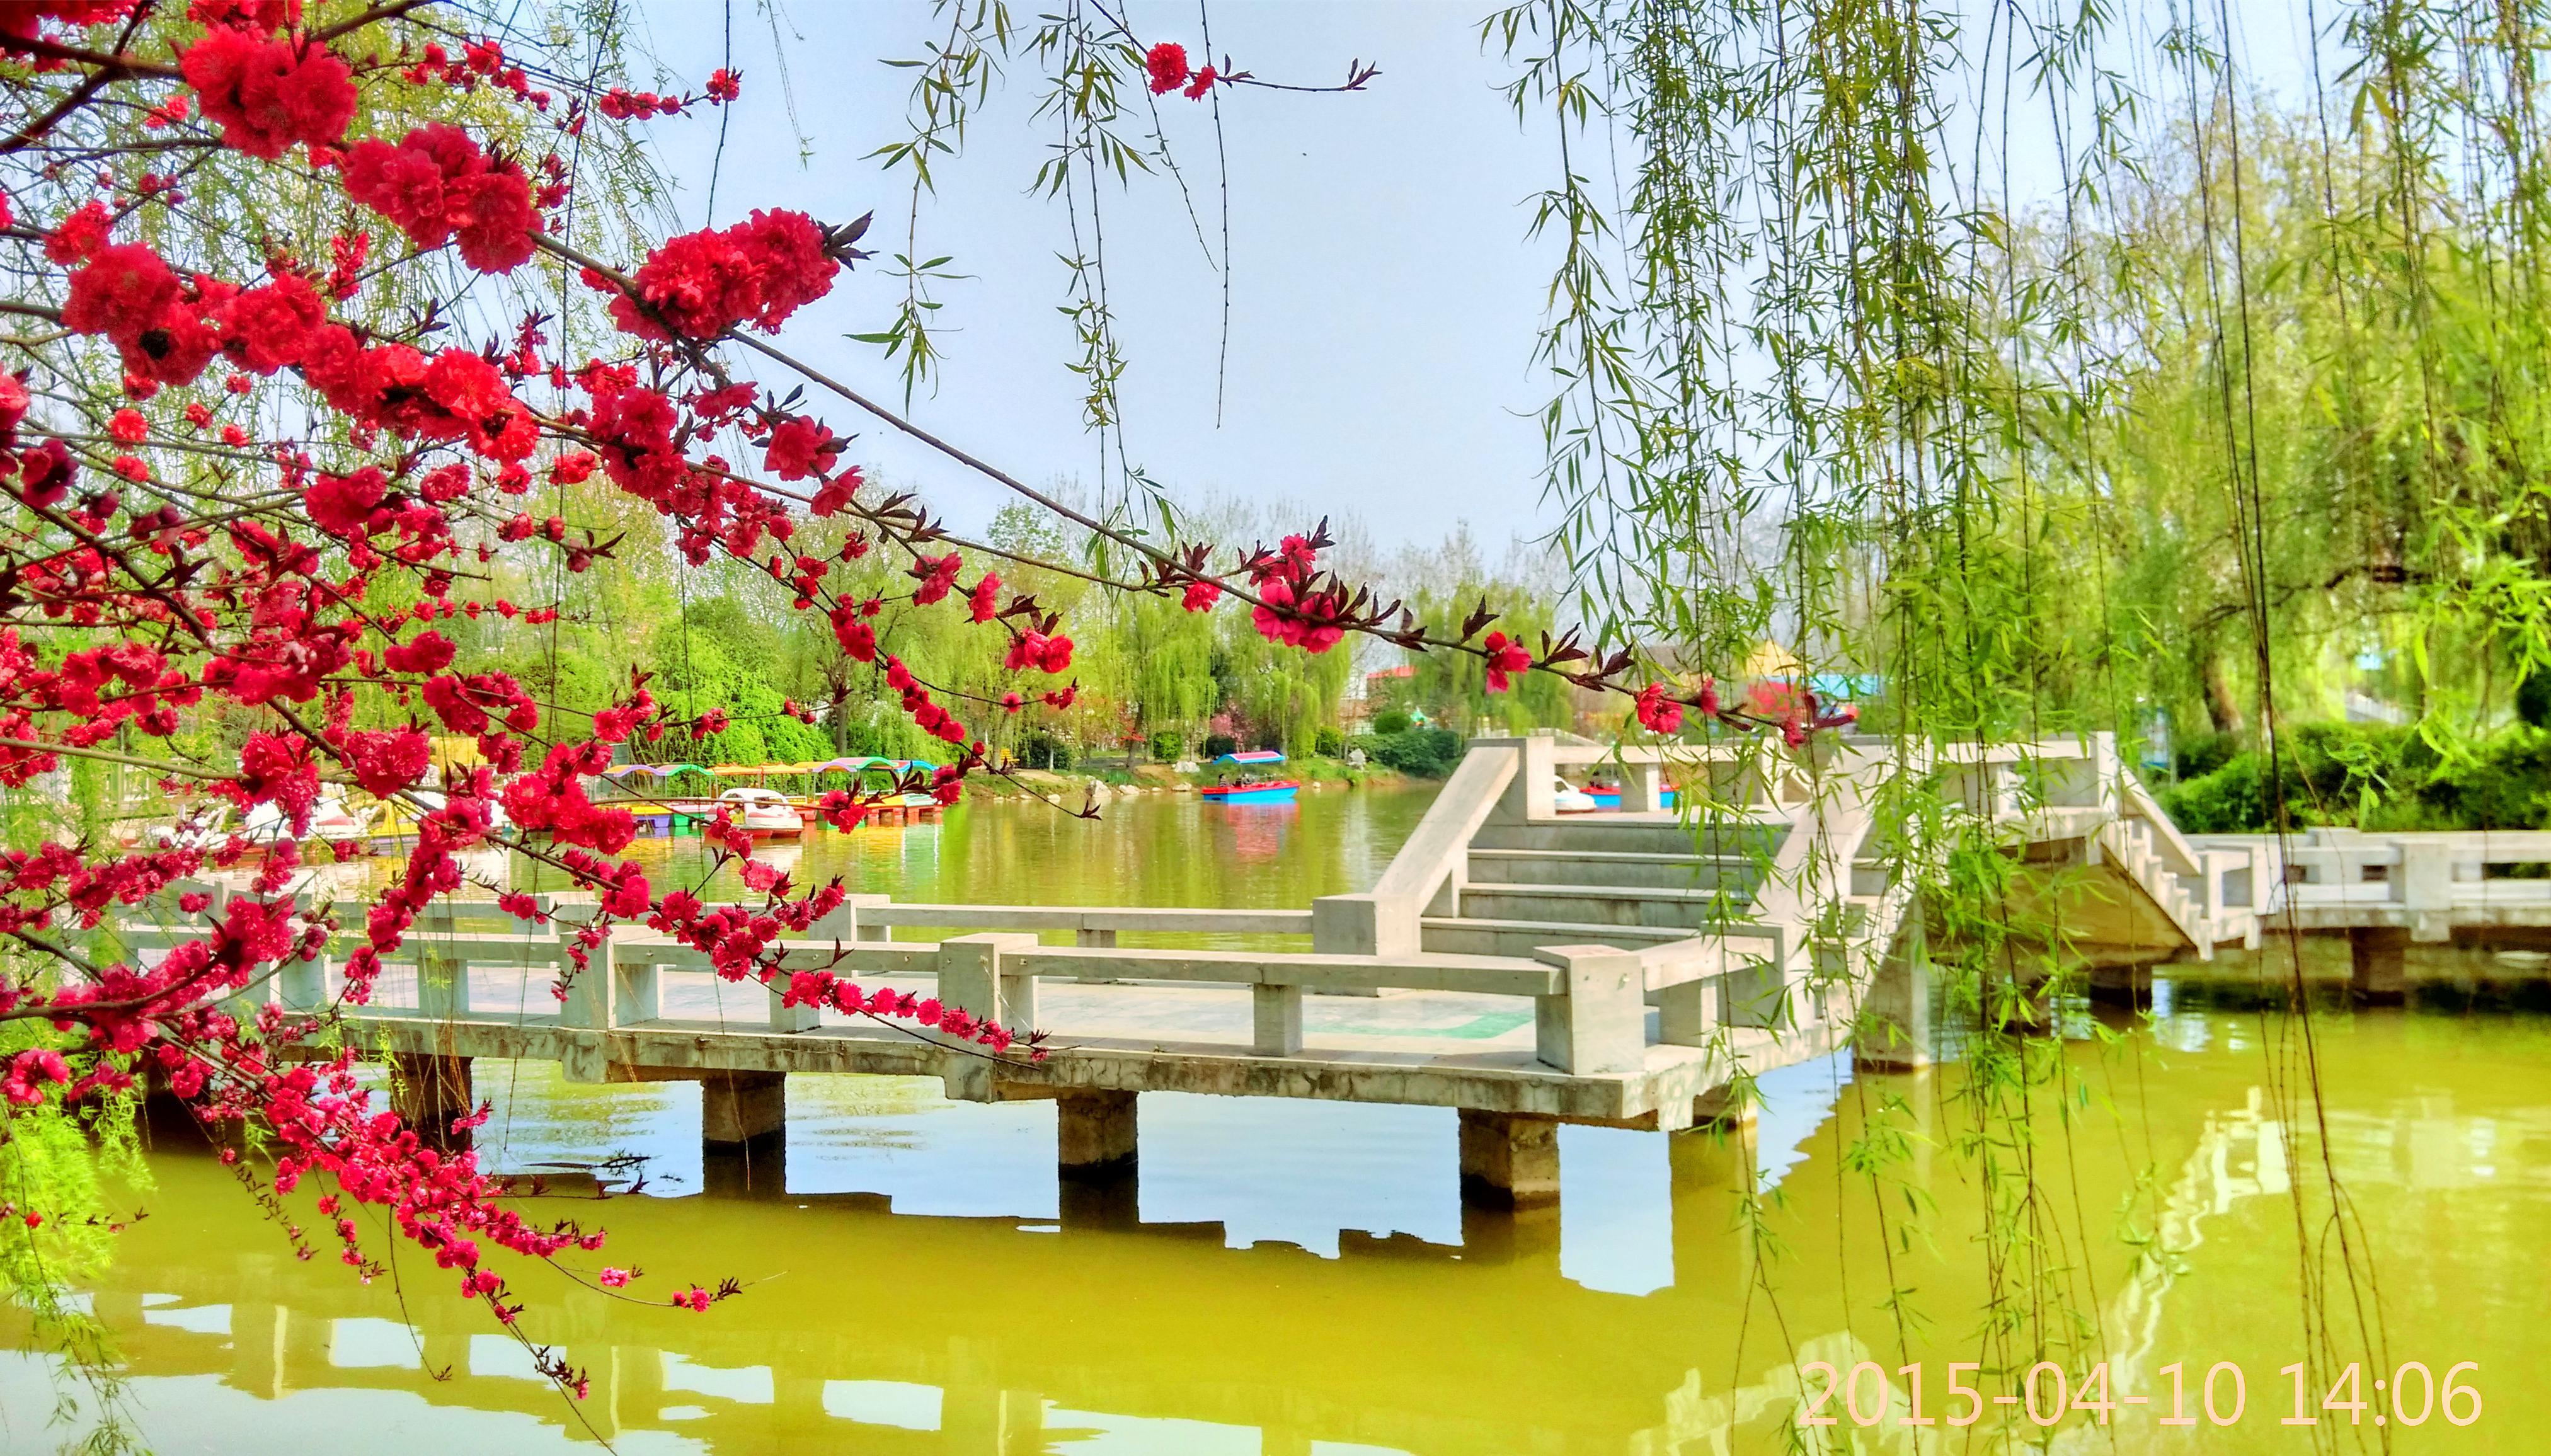 Haixi Park